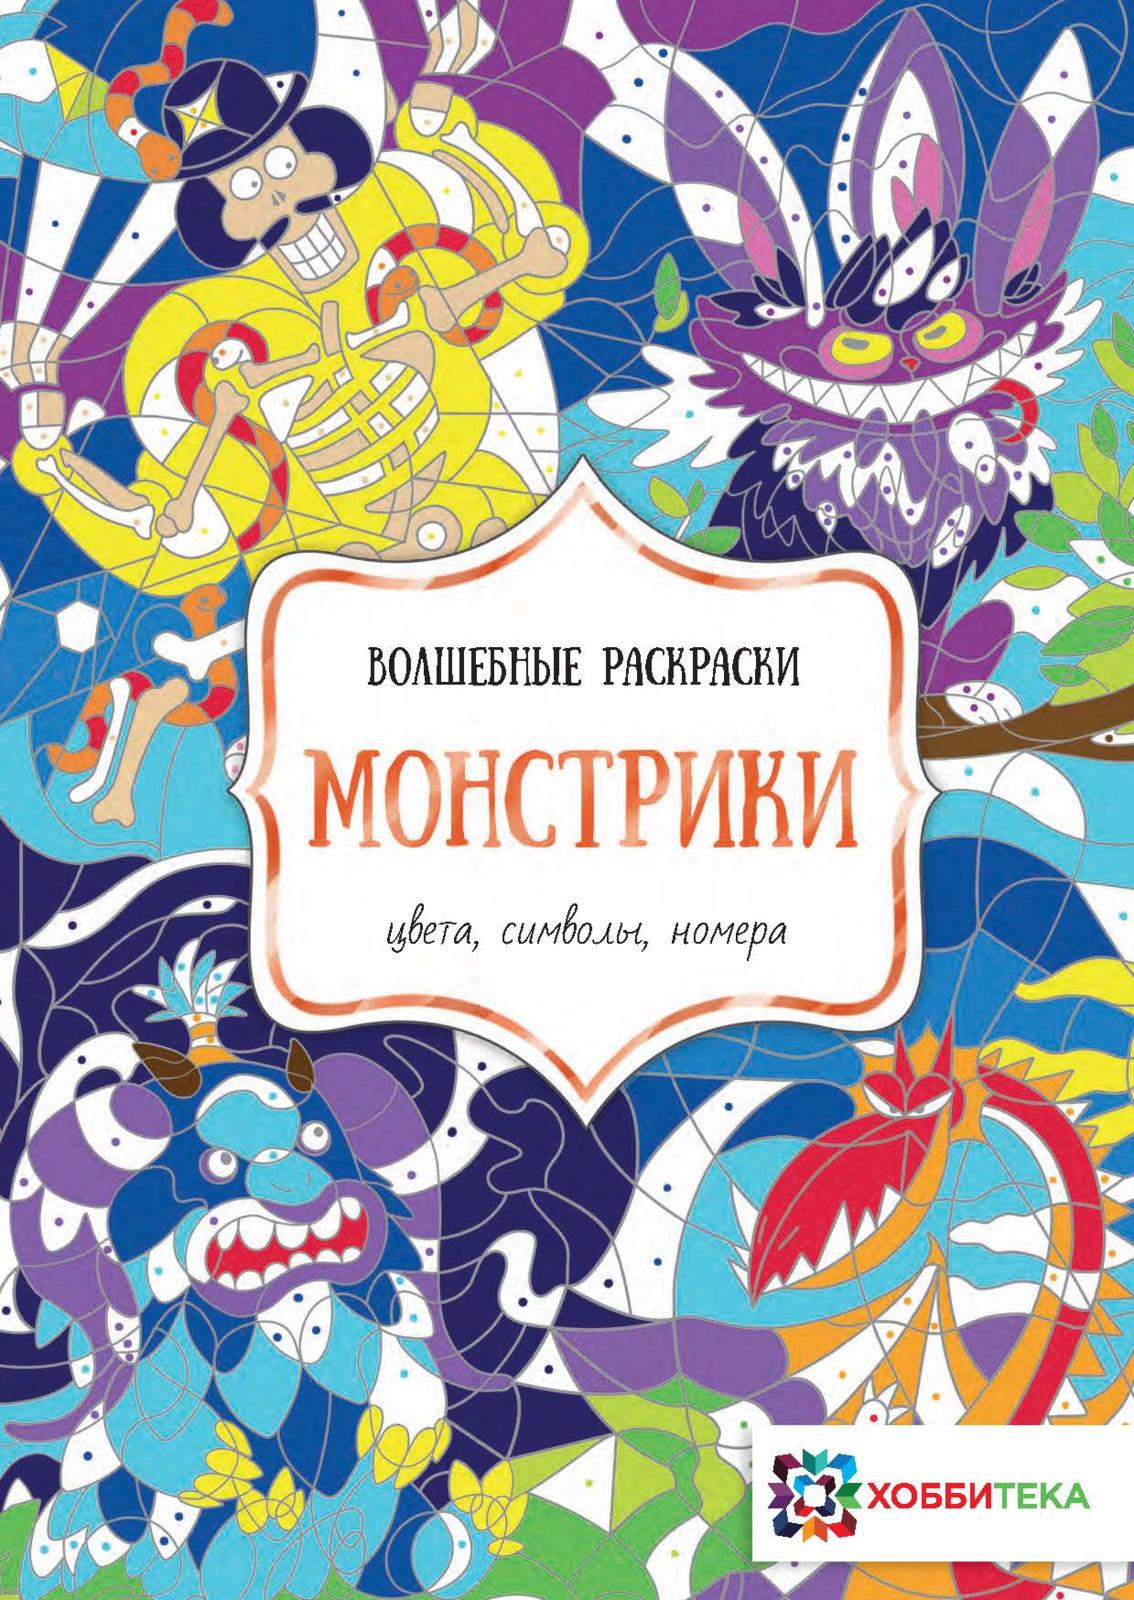 Пузанкова К.В. Монстрики. Цвета, символы, номера